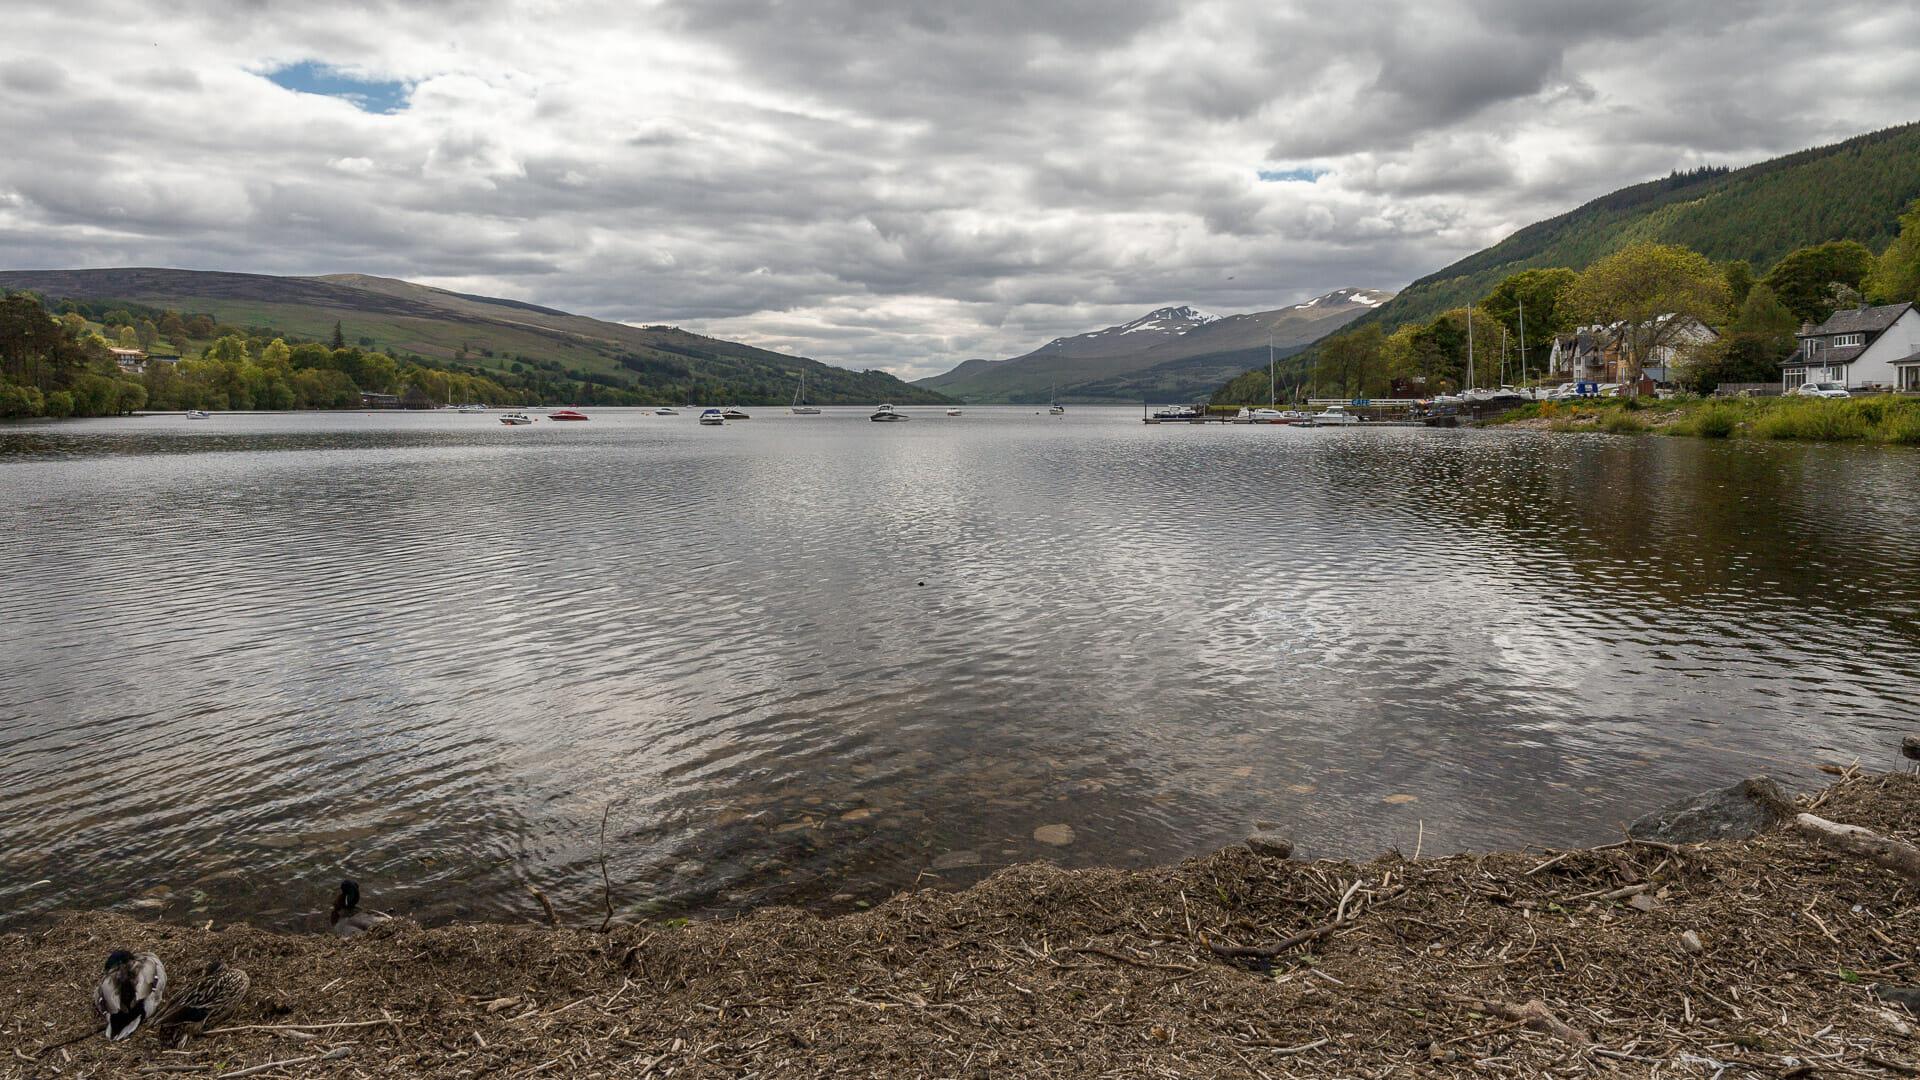 Blick auf Loch Tay